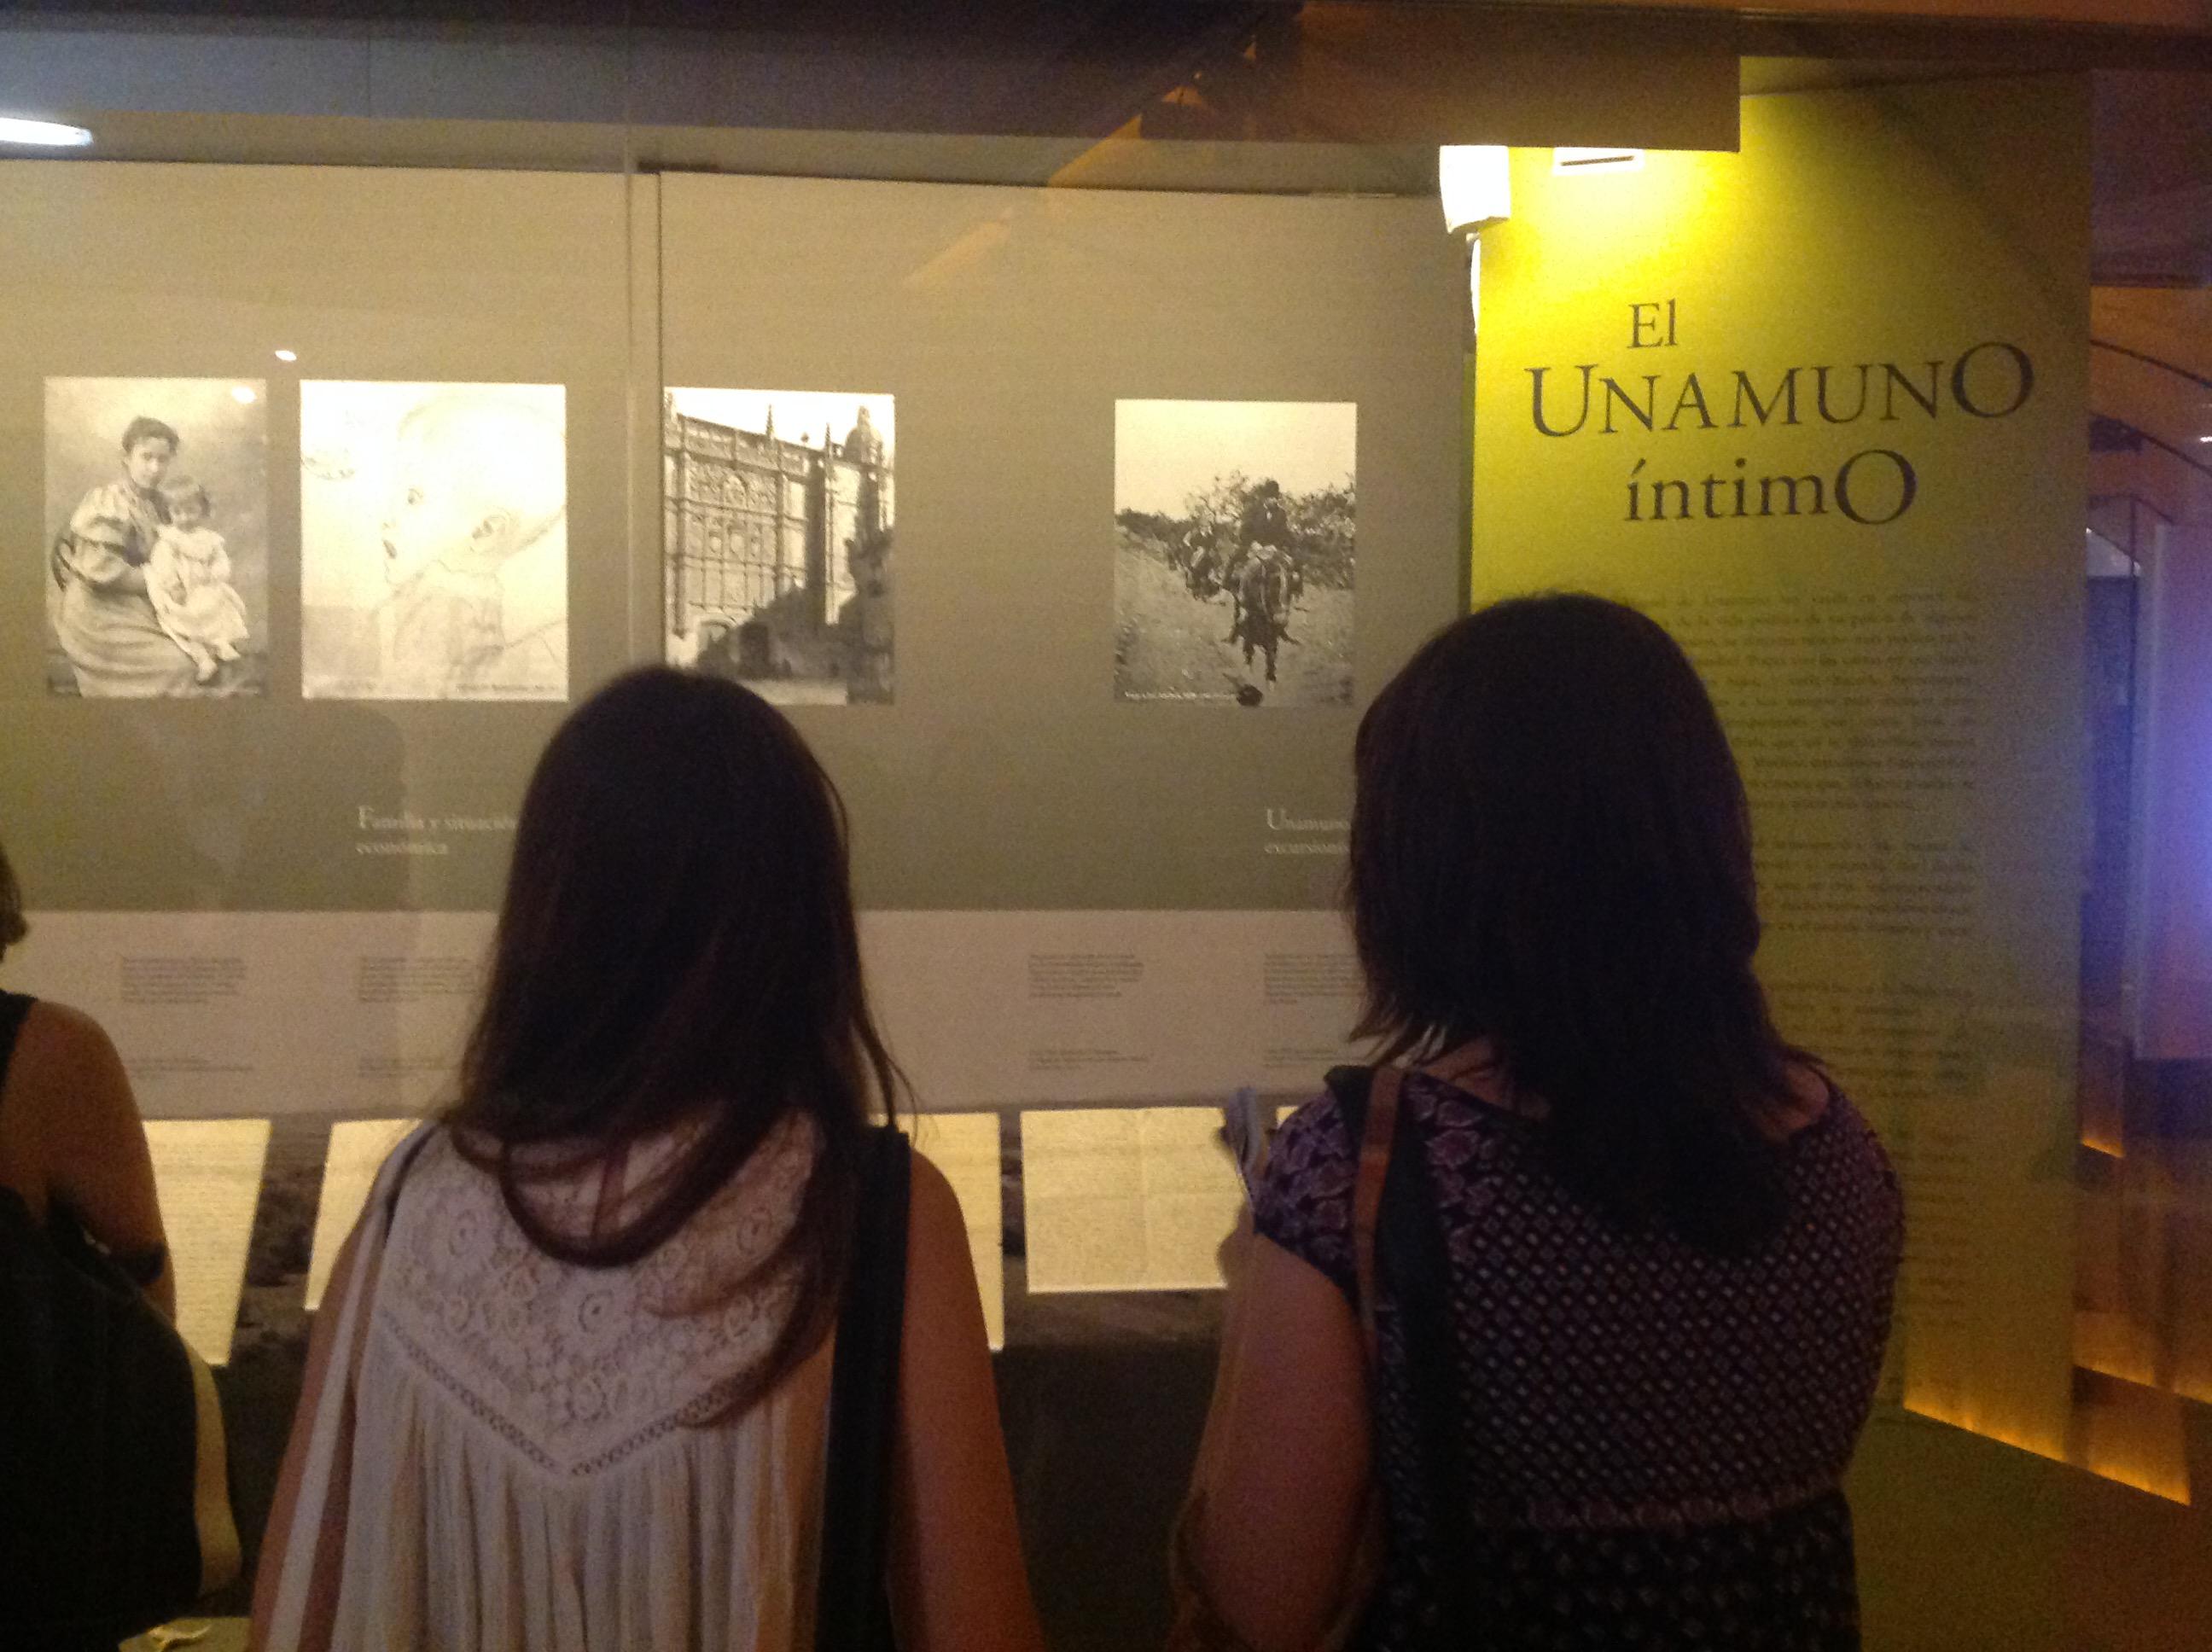 La Biblioteca Nacional de España acoge una exposición que invita a descubrir la personalidad compleja y polifacética de Unamuno